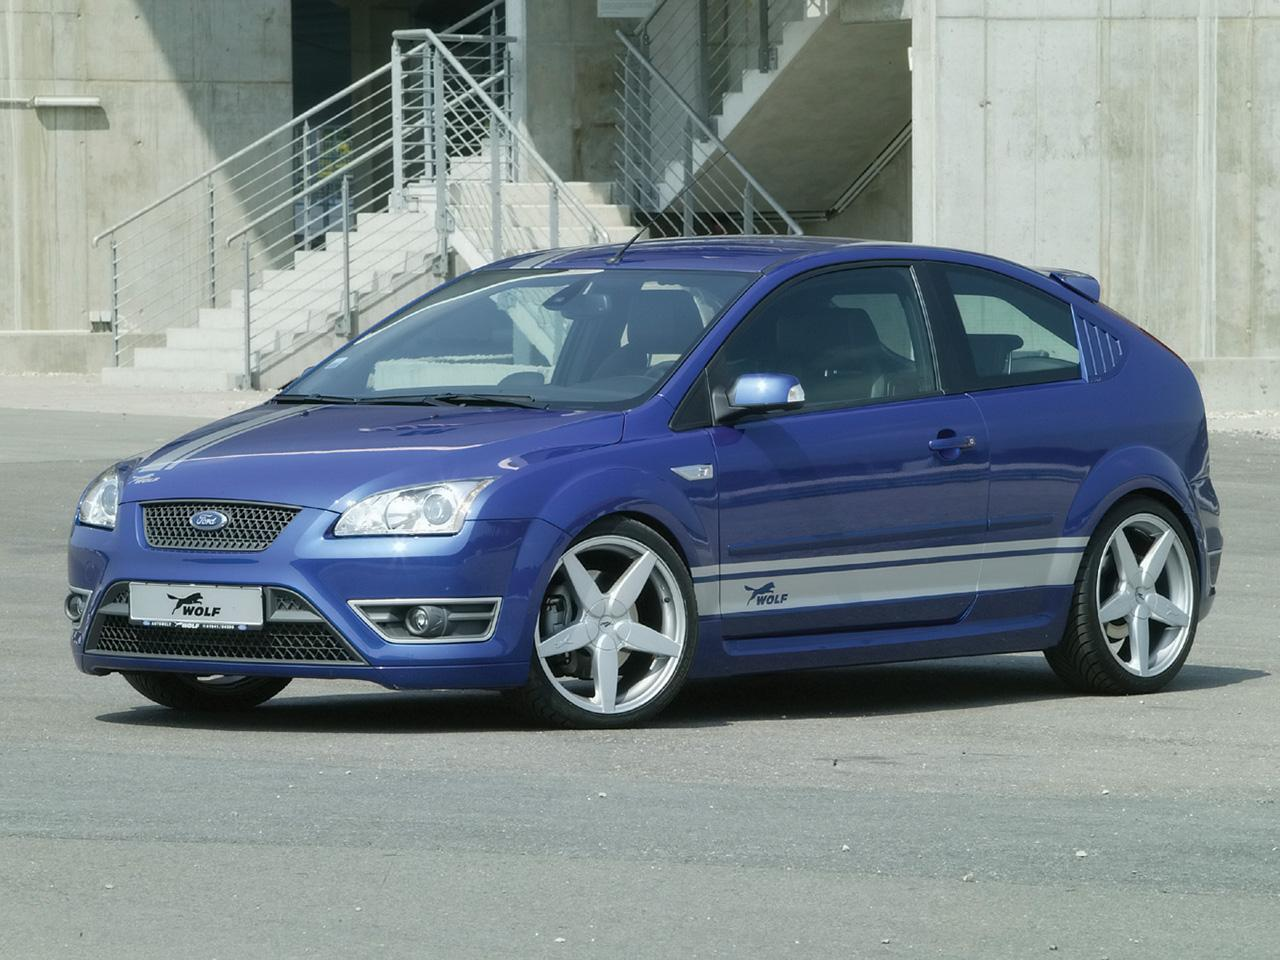 800 1024 1280 1600 origin 2006 Ford Focus ...